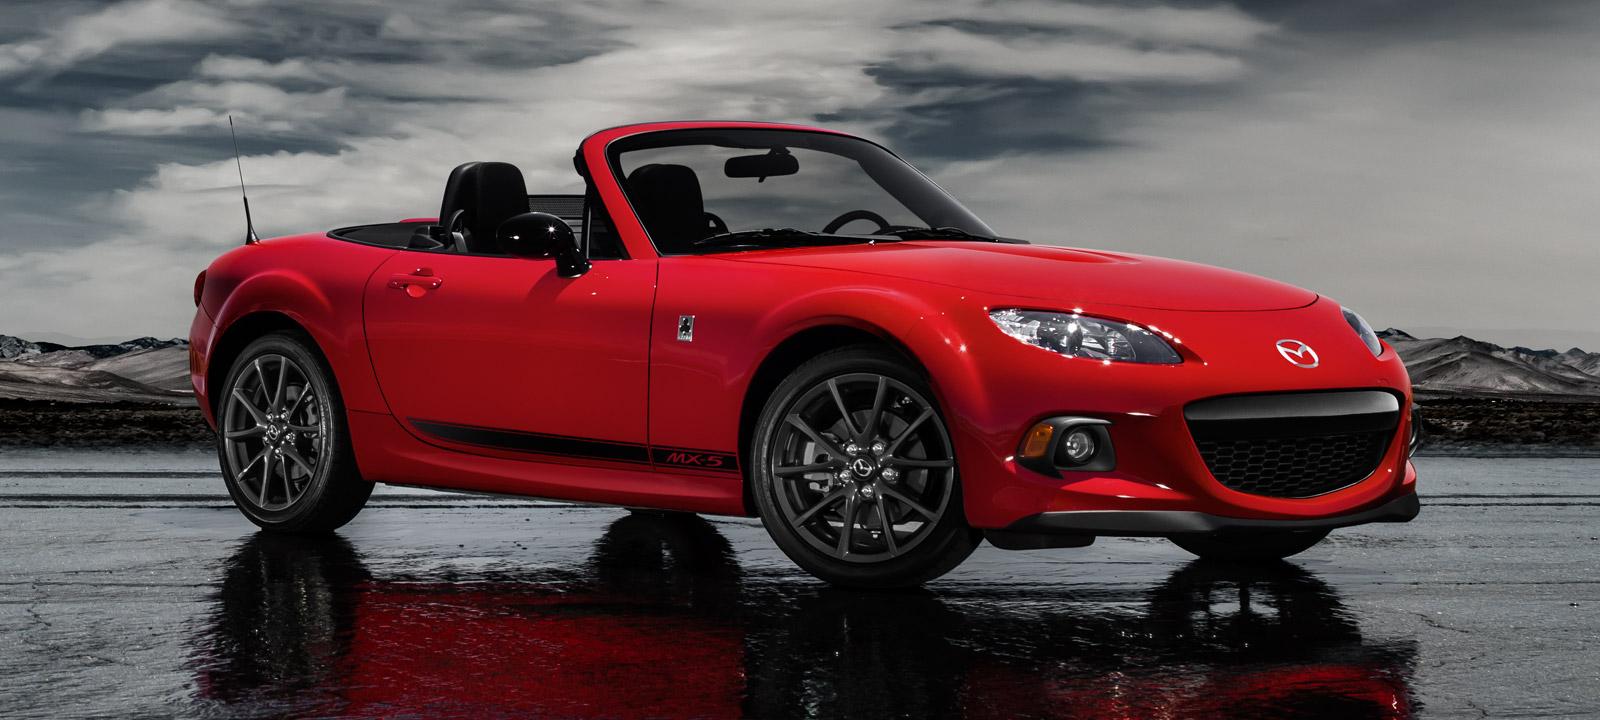 Zero Down Lease Deals >> New Mazda MX-5 Miata Deals and Lease Offers | Quirk Mazda